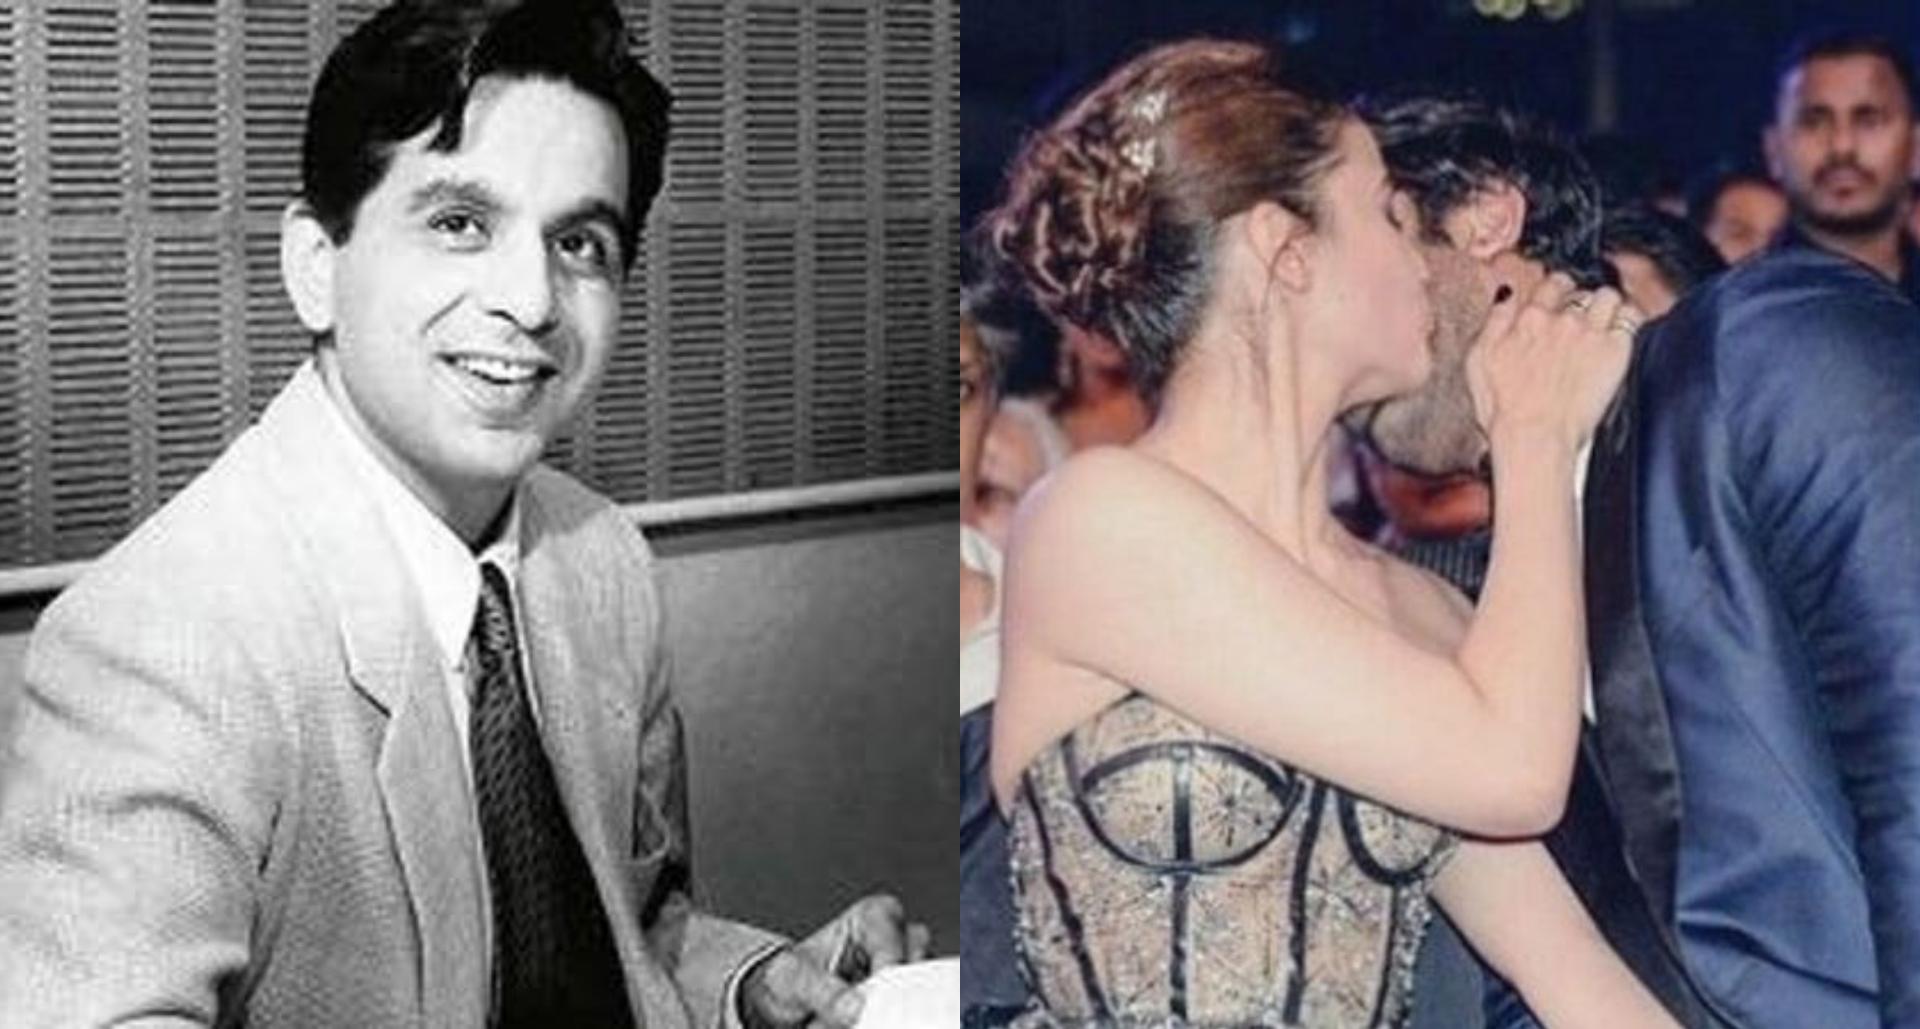 Filmfare Awards Memories: दिलीप कुमार के पहले बेस्ट एक्टर बनने से लेकर आलिया के रणबीर को किस करने तक